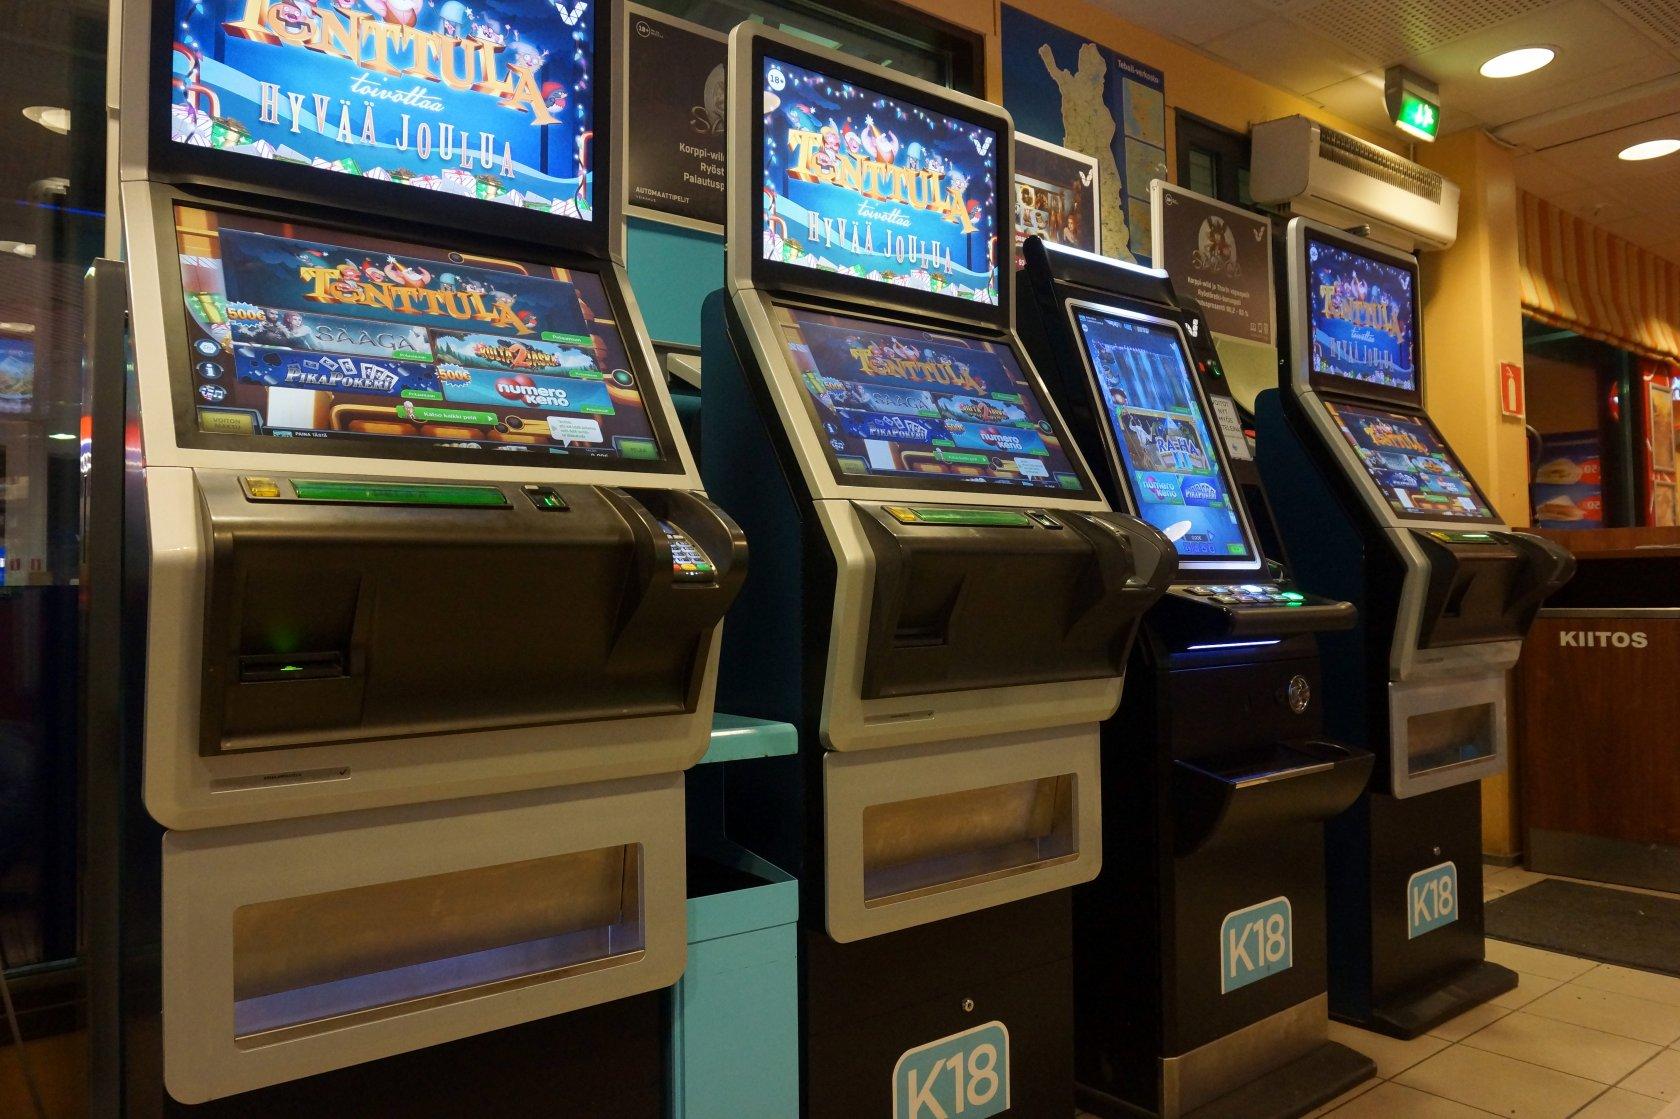 Полоса казино отелей проходит между границей и контрольно-пропускным пунктом как играть в карты в покер по 36 правила